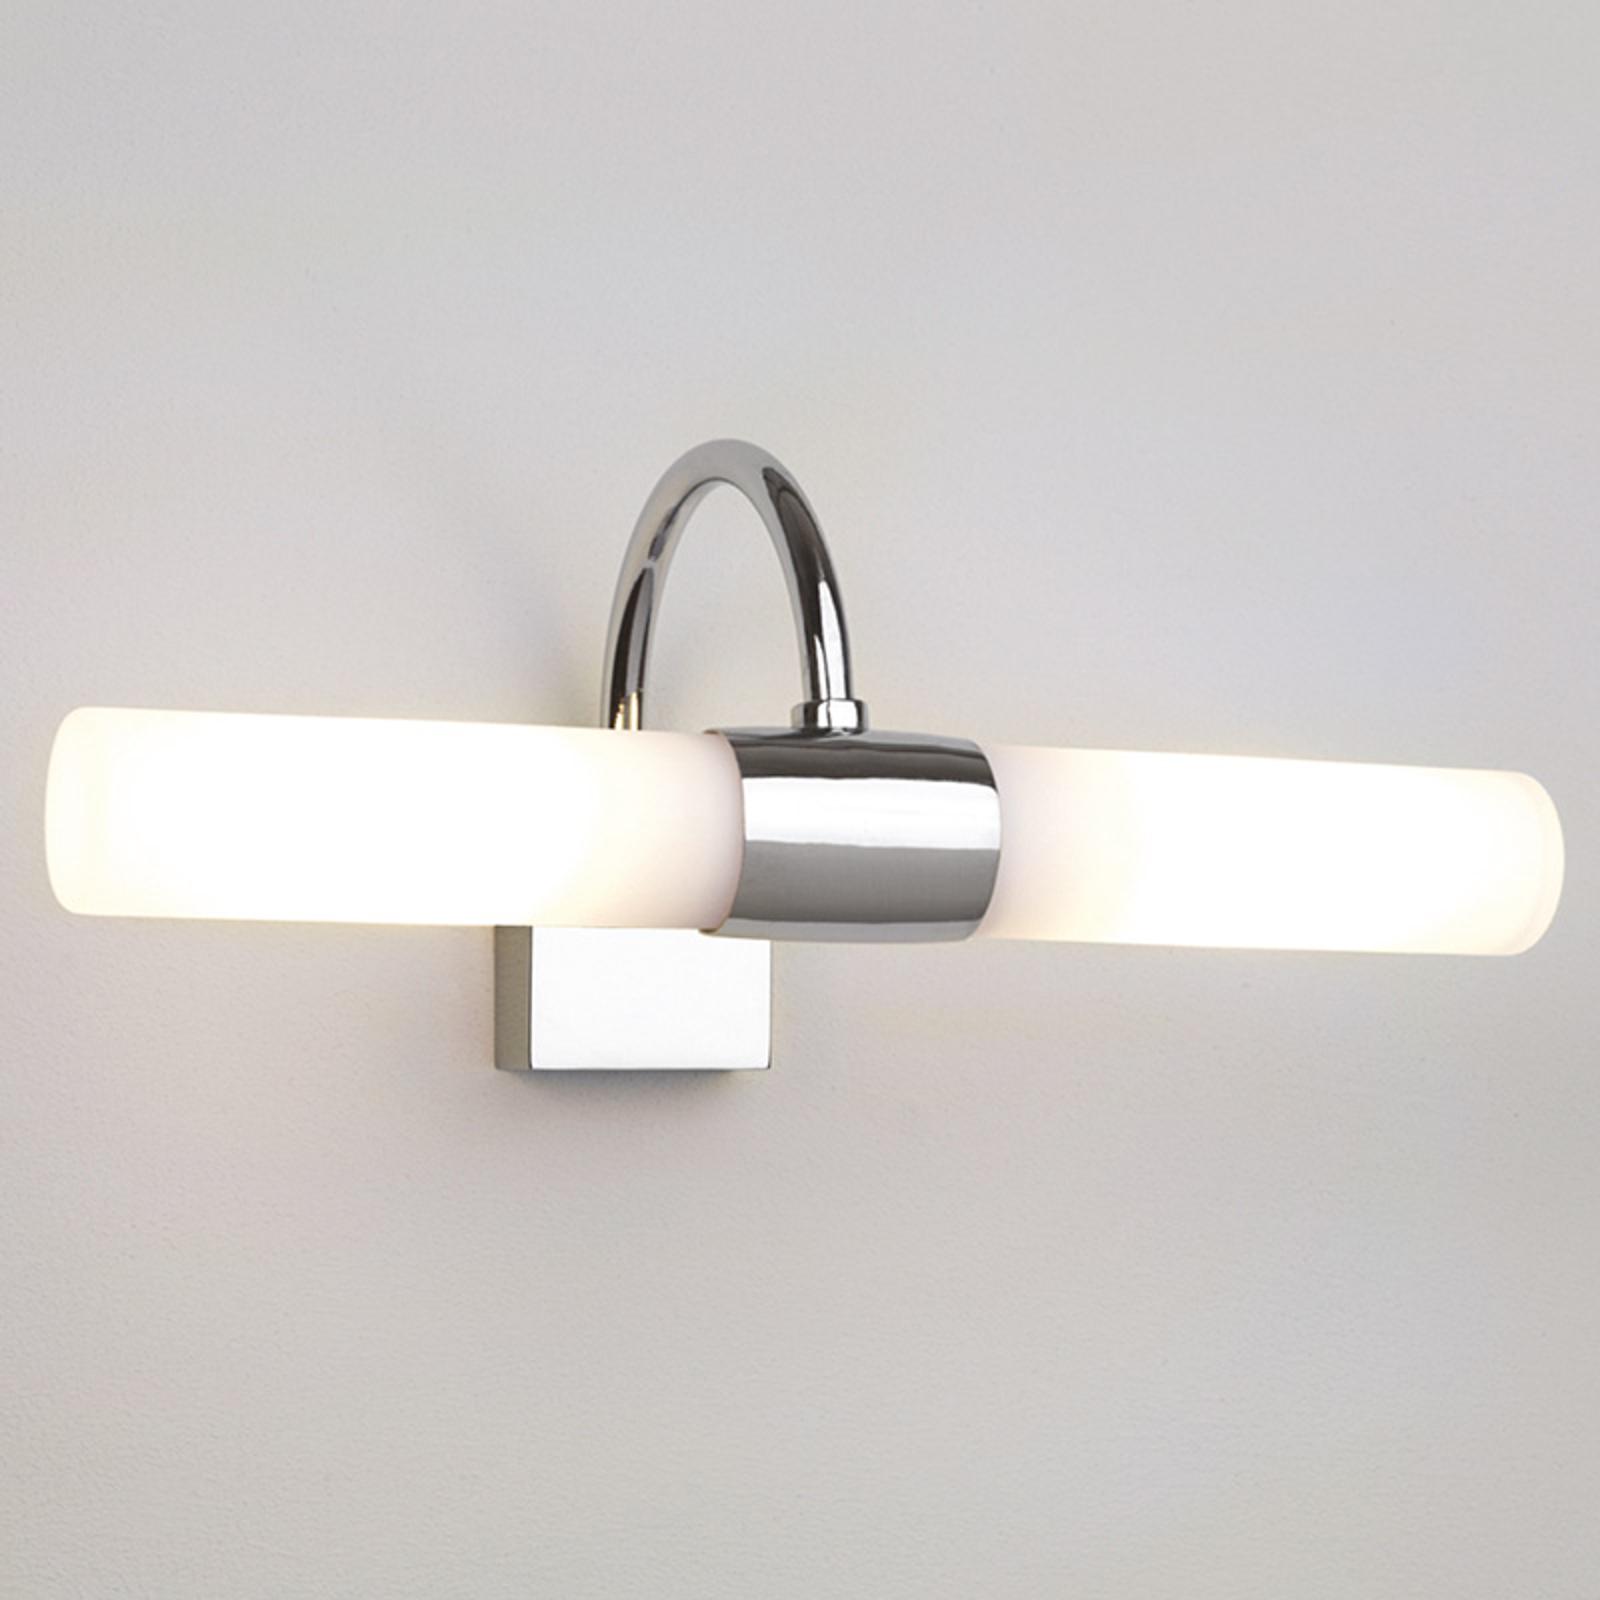 Hvid DAYTON væglampe til spejlet